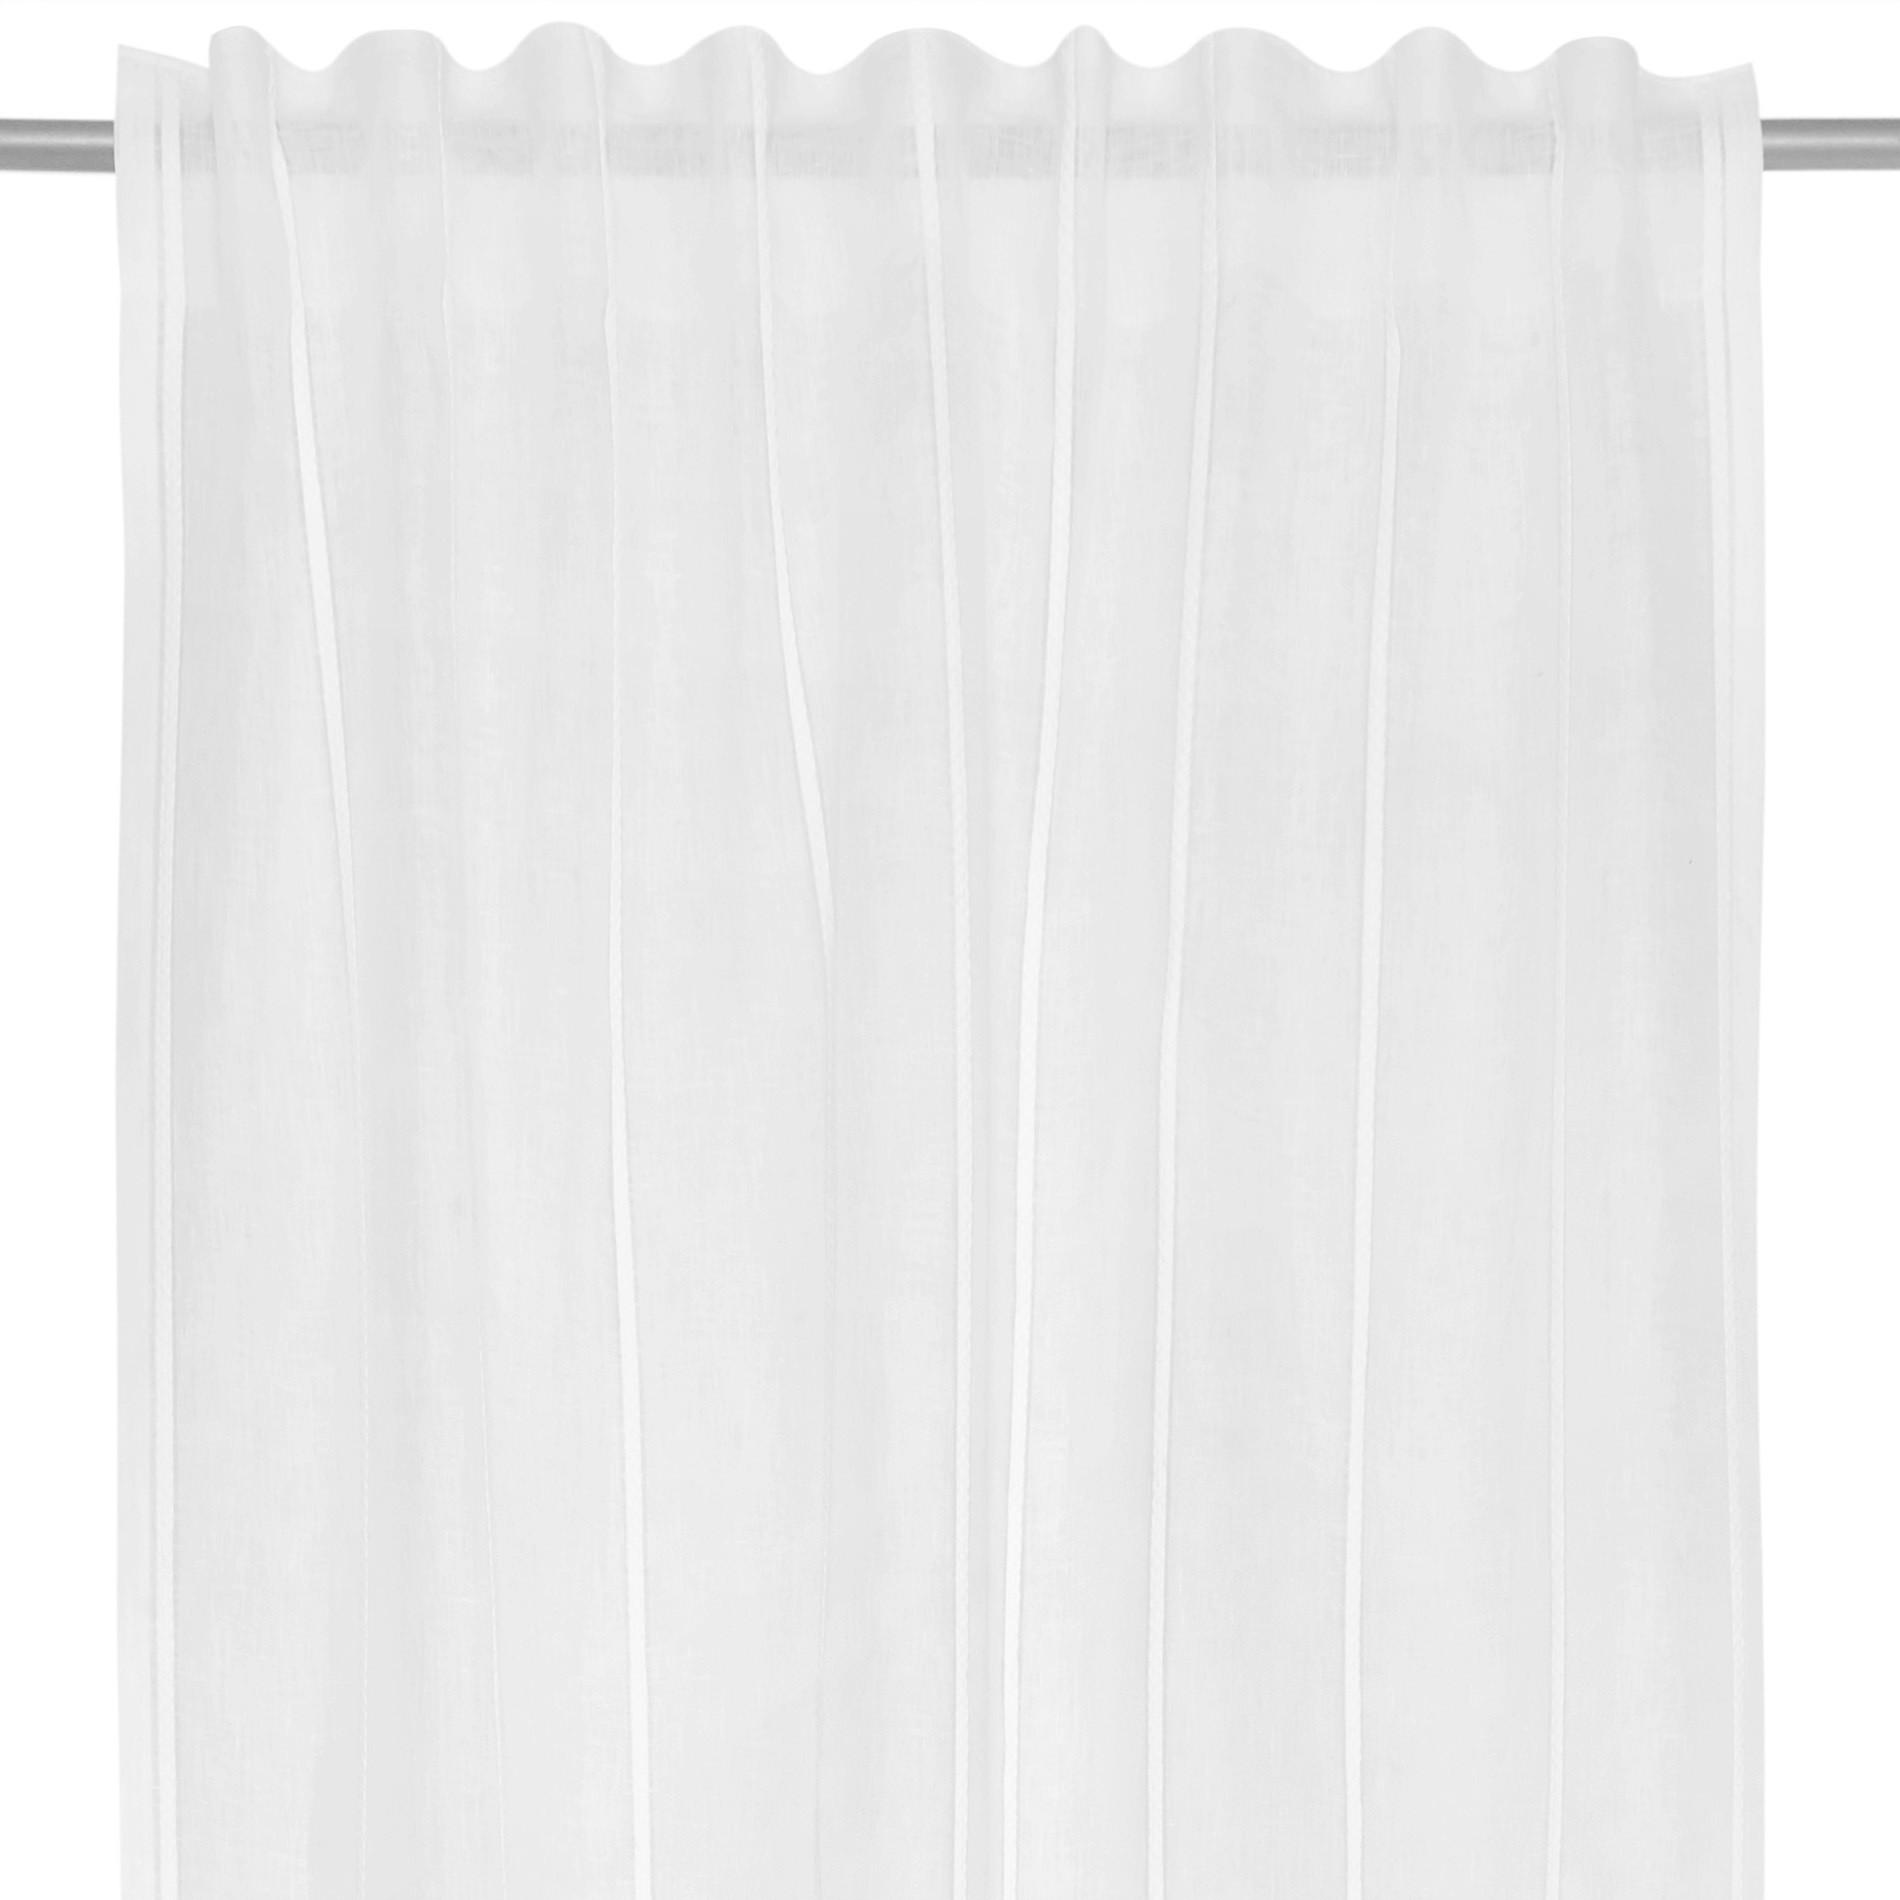 Tenda misto lino con applicazioni, Bianco, large image number 3